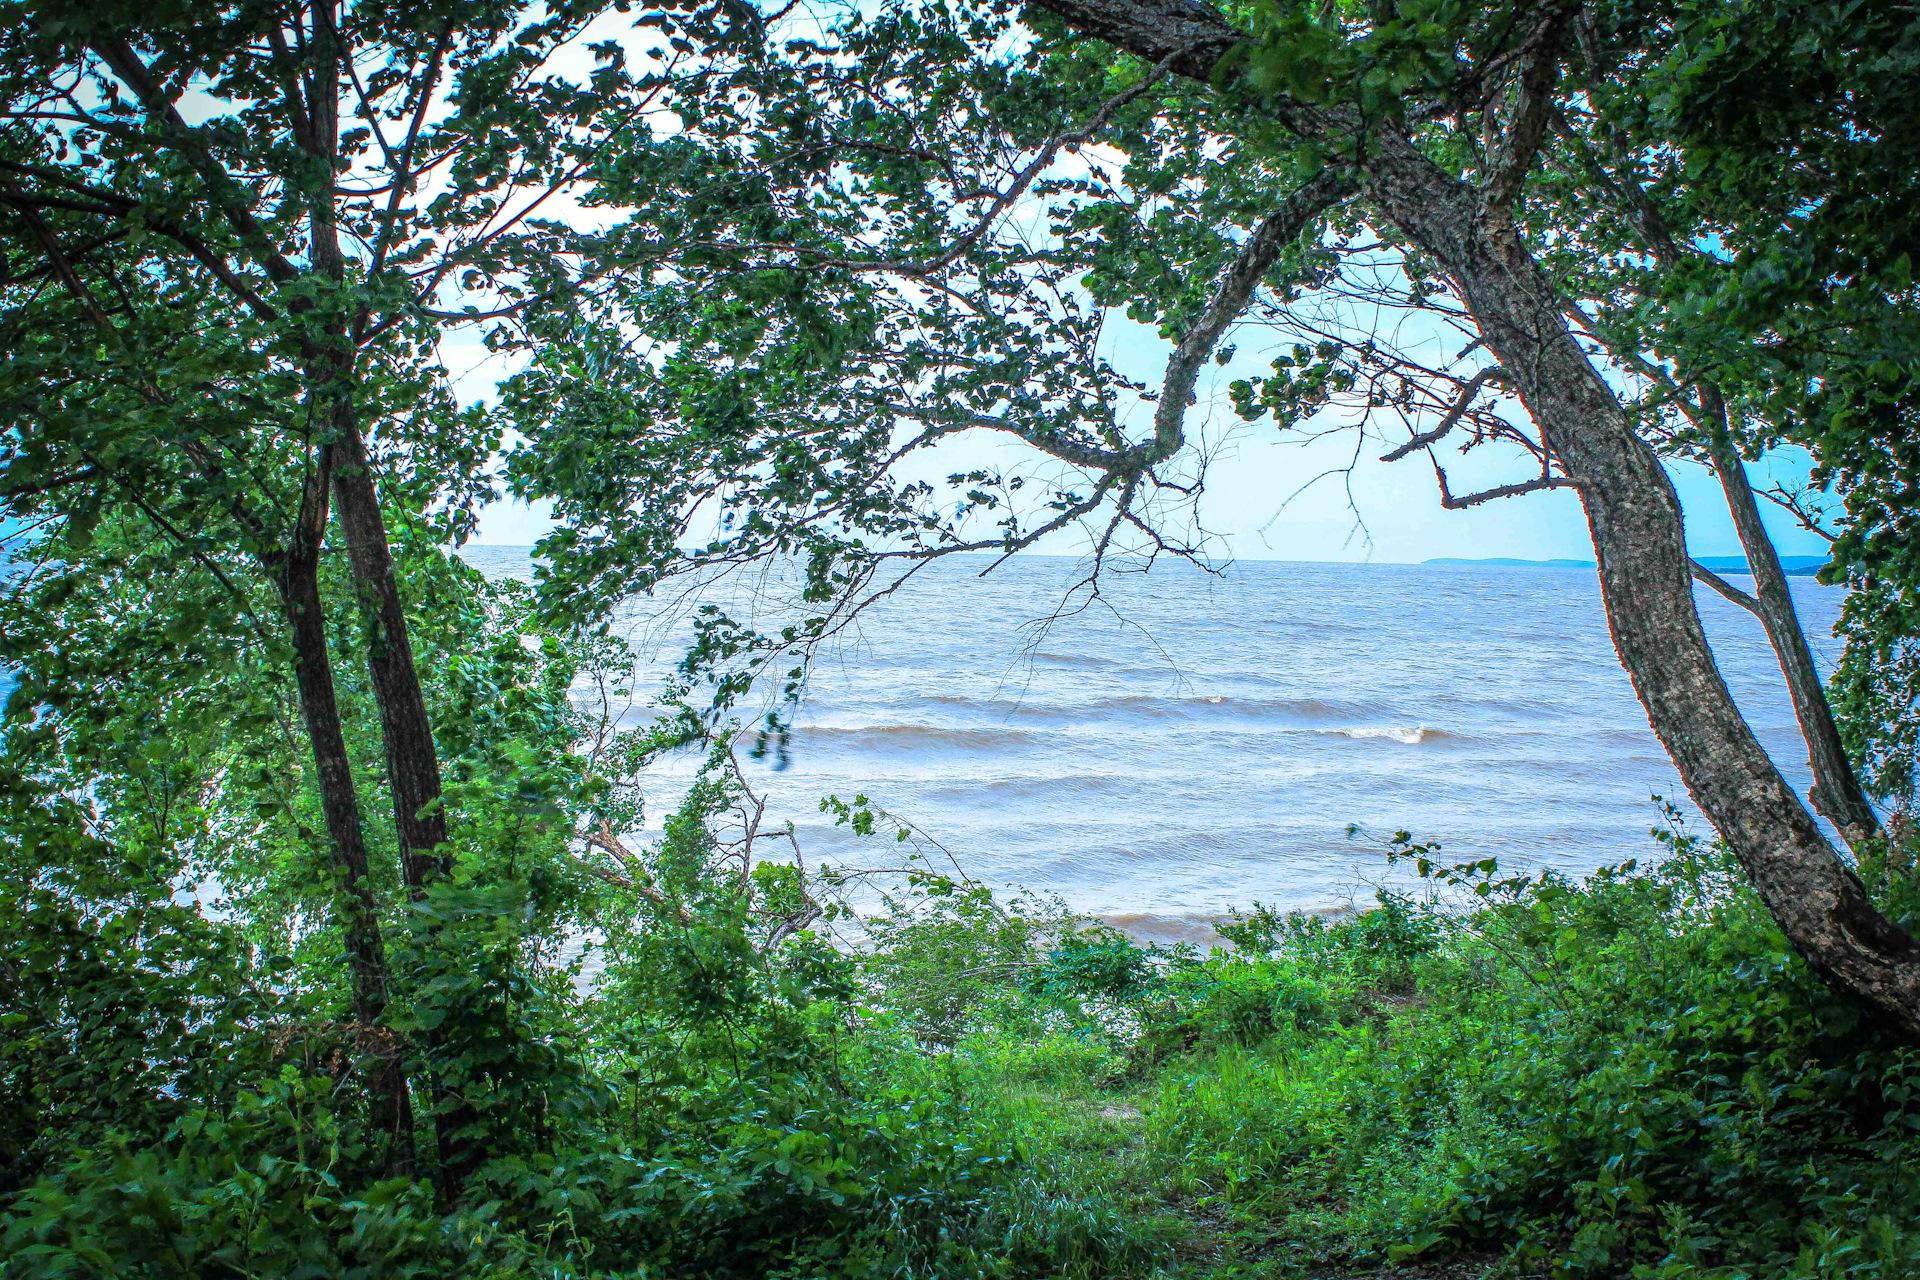 время озеро ханка фото рисунки каждый